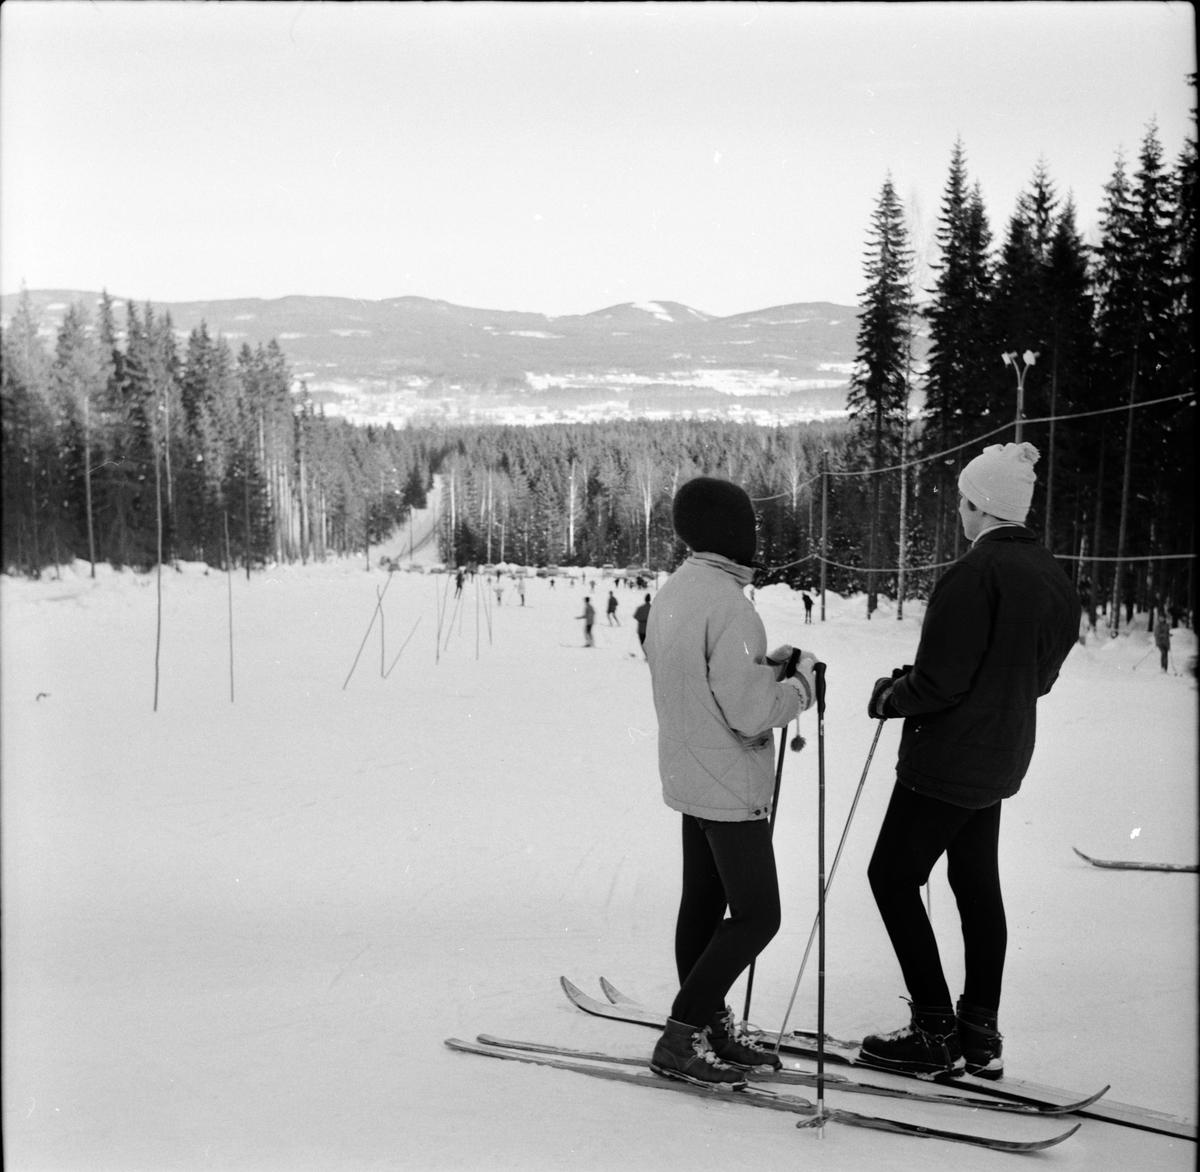 Arbrå, Bilder från slalombacken, Februari 1968